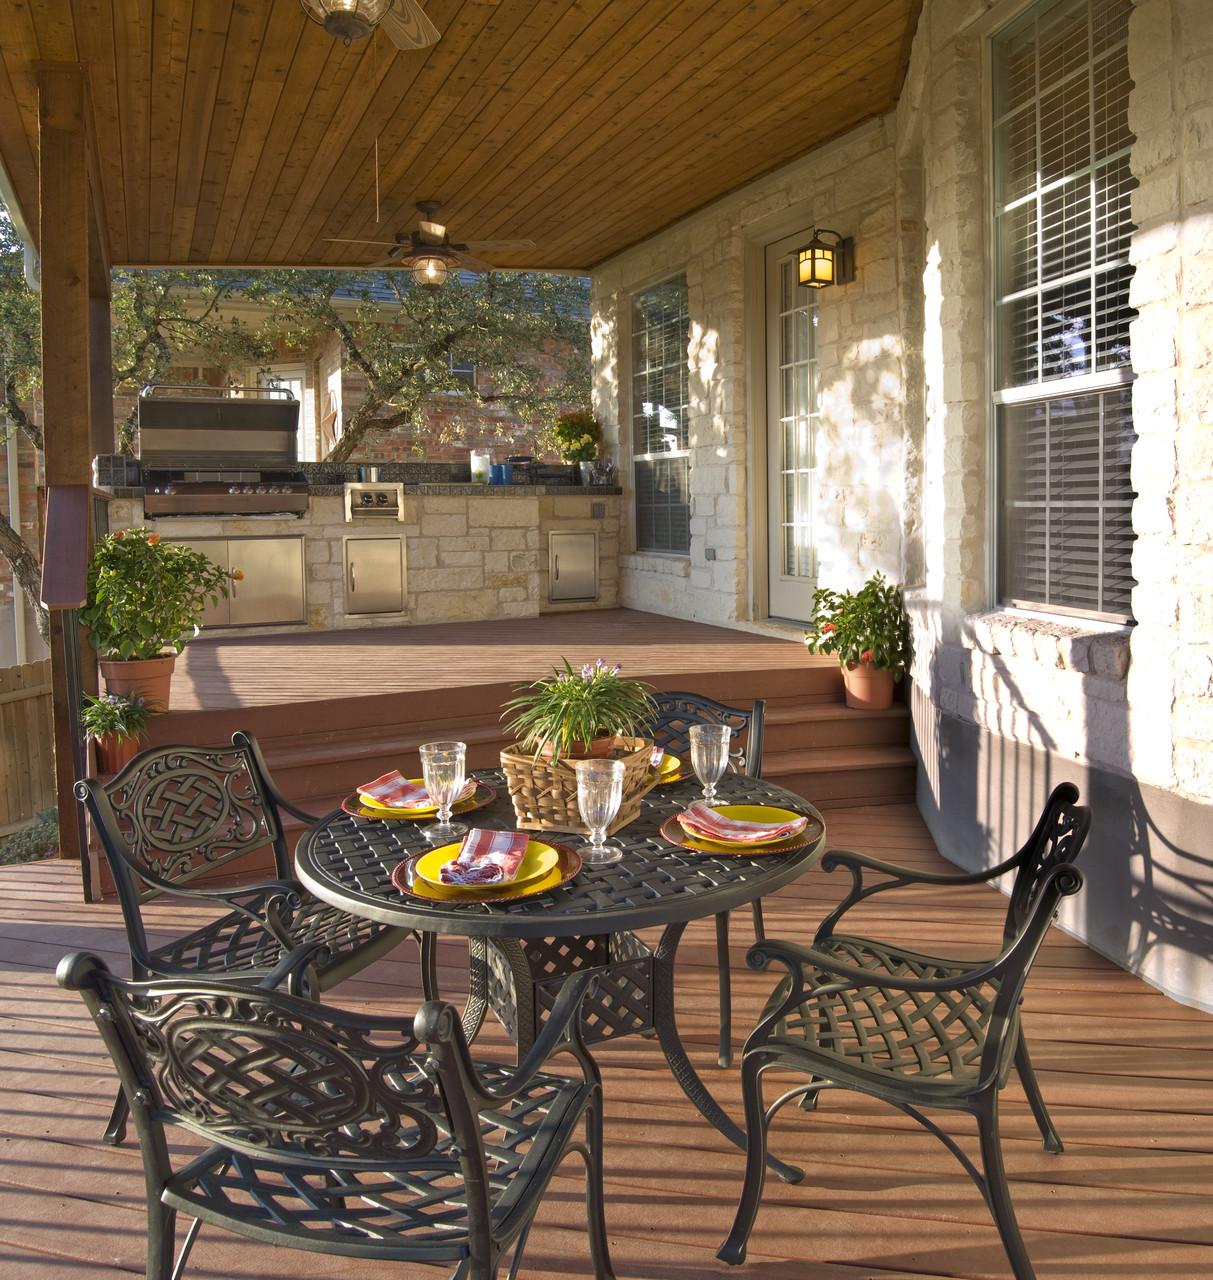 Outdoor Kitchen Deck  Outdoor Kitchen Design Ideas – with a Multi Level Deck